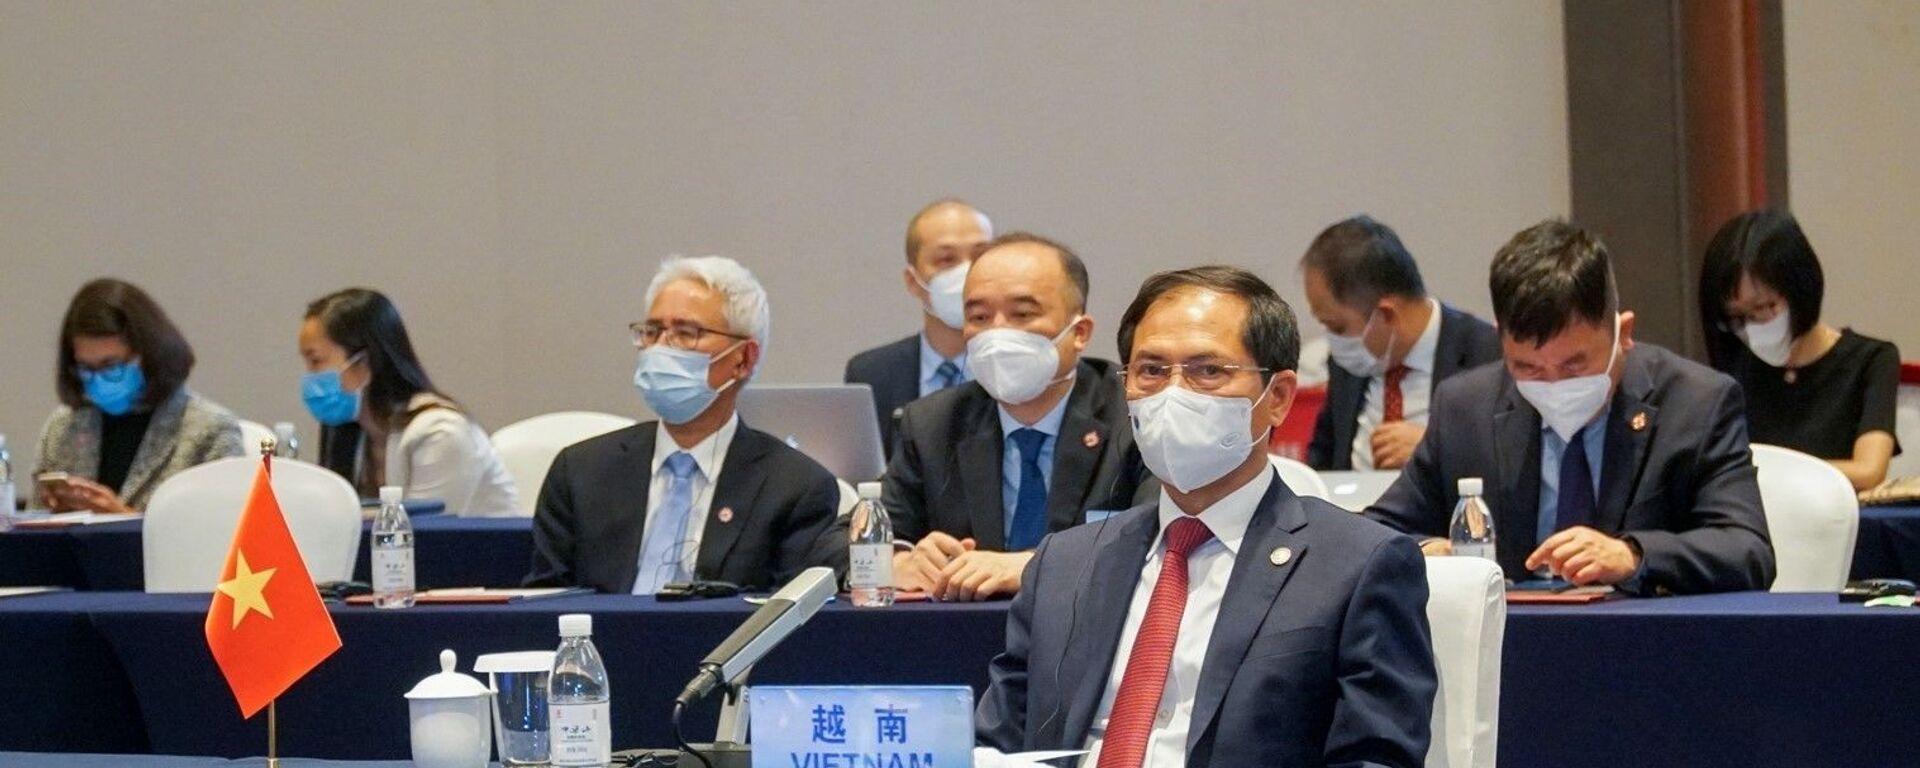 Bộ trưởng Ngoại giao Bùi Thanh Sơn tham dự Hội nghị đặc biệt Bộ trưởng Ngoại giao ASEAN - Trung Quốc - Sputnik Việt Nam, 1920, 30.06.2021